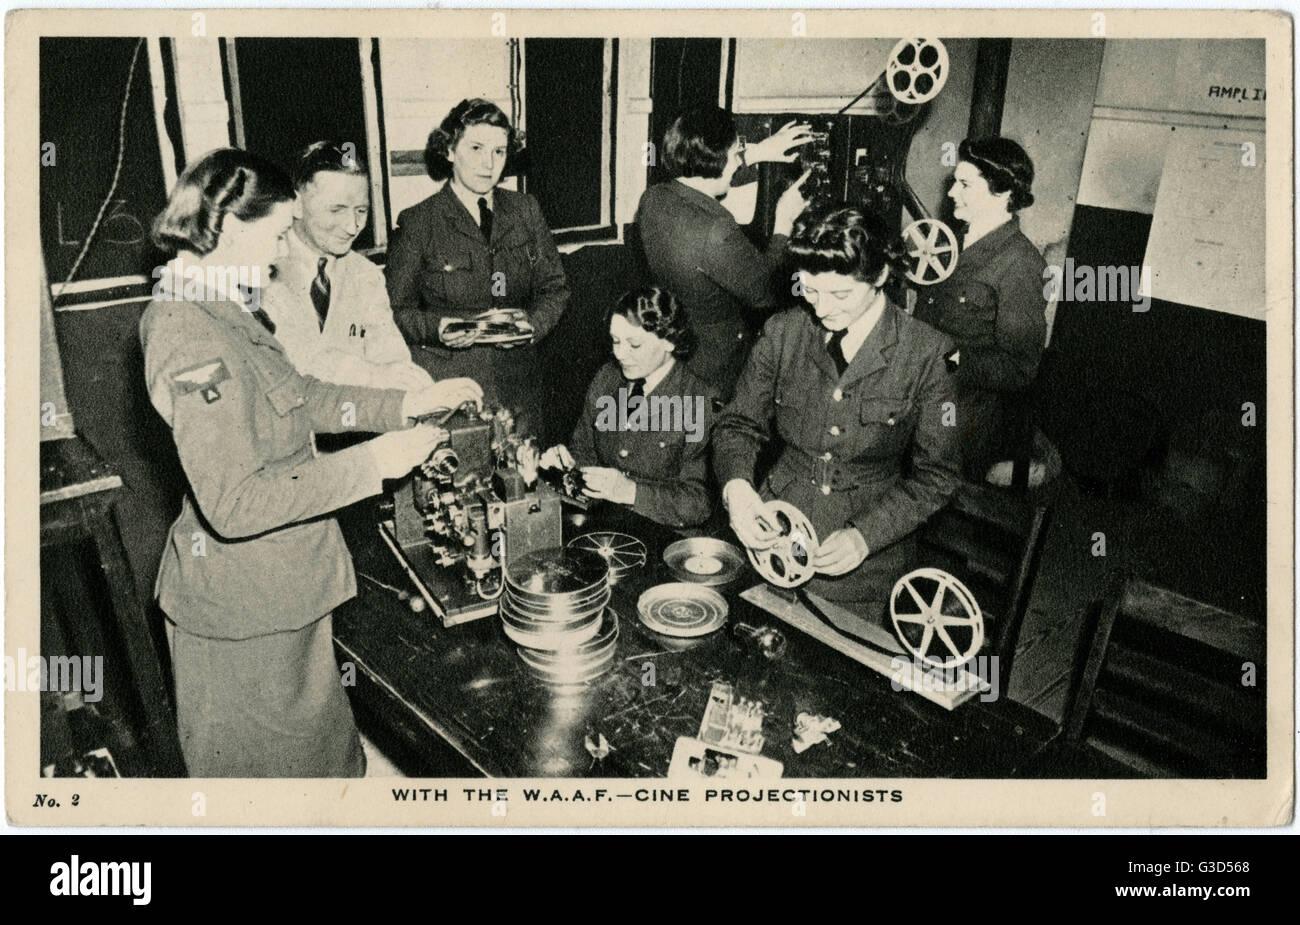 WW2 - Con el W.A.A.F. - Cine Projectionists Fecha: circa 1942 Imagen De Stock